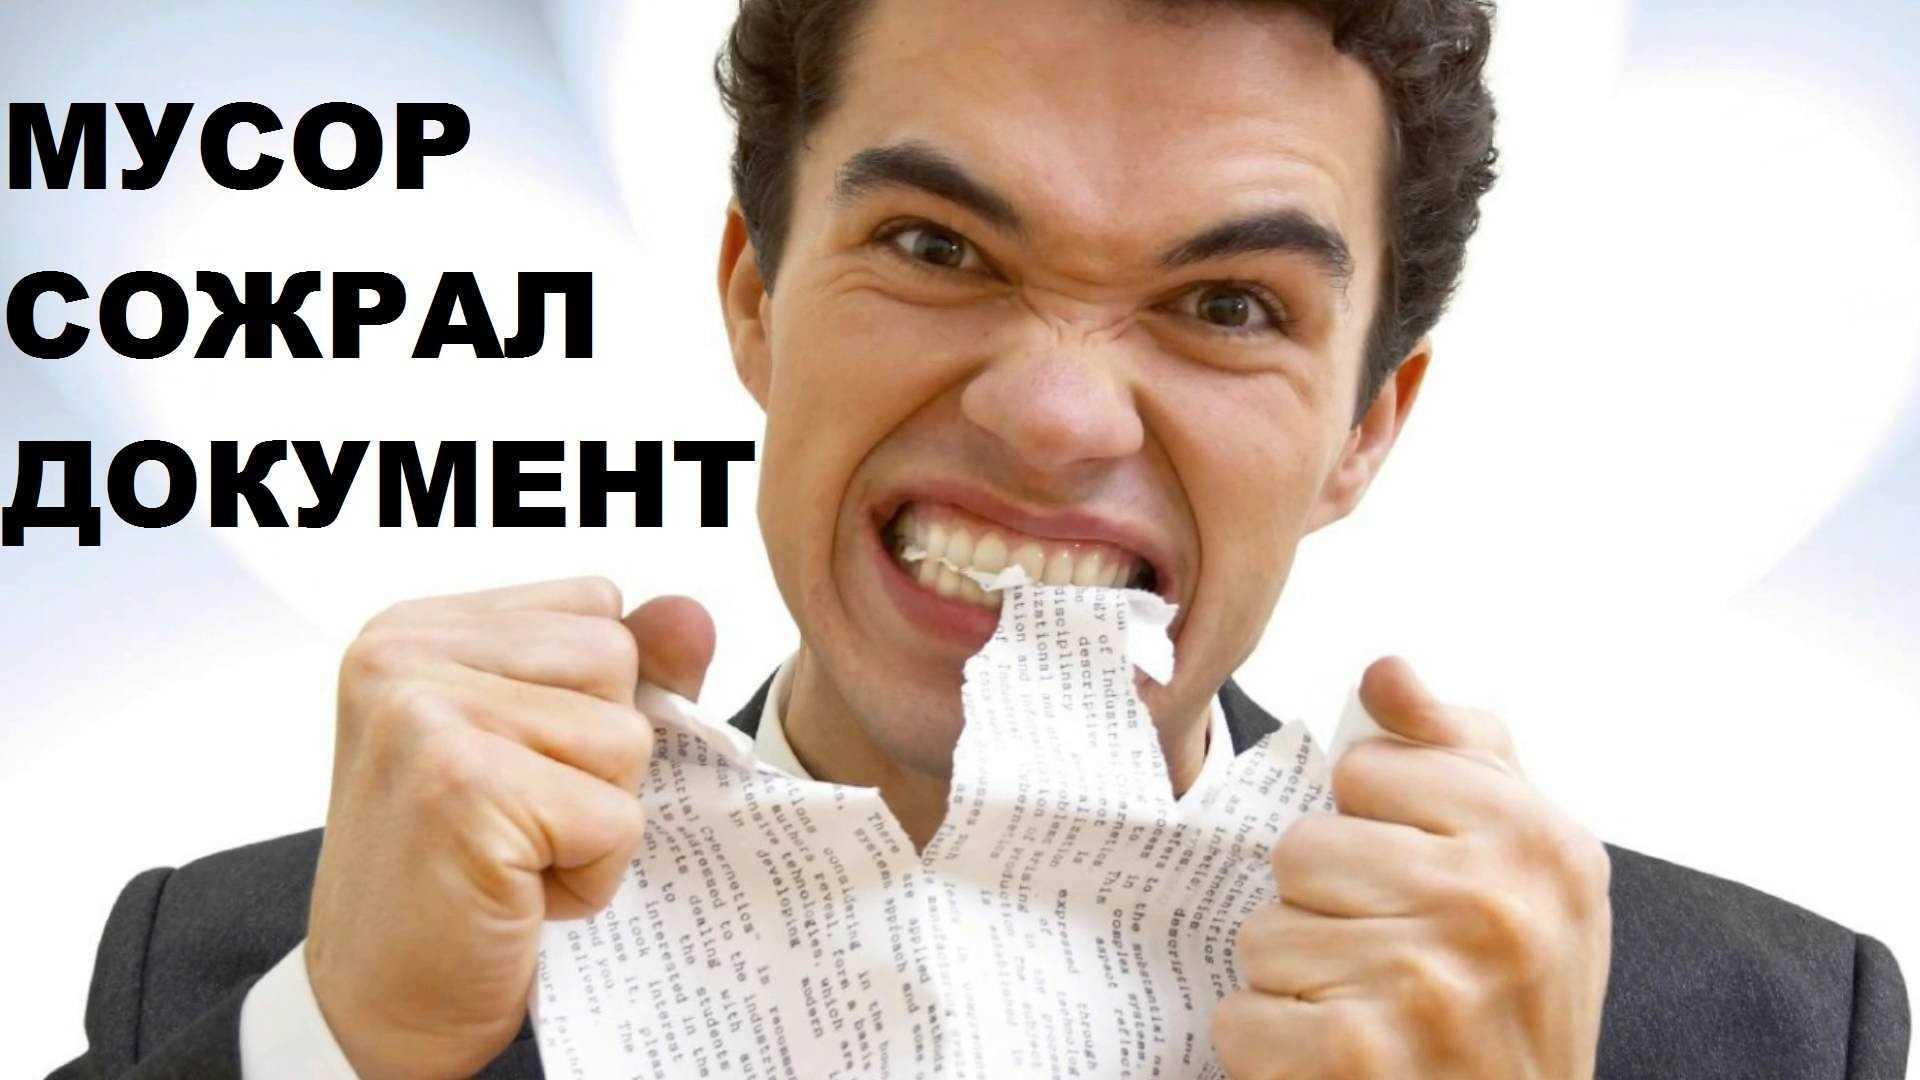 Роман Синицын: милиционер съел аттестационный лист. На полиграфе – наркотики, взятки, избиения…